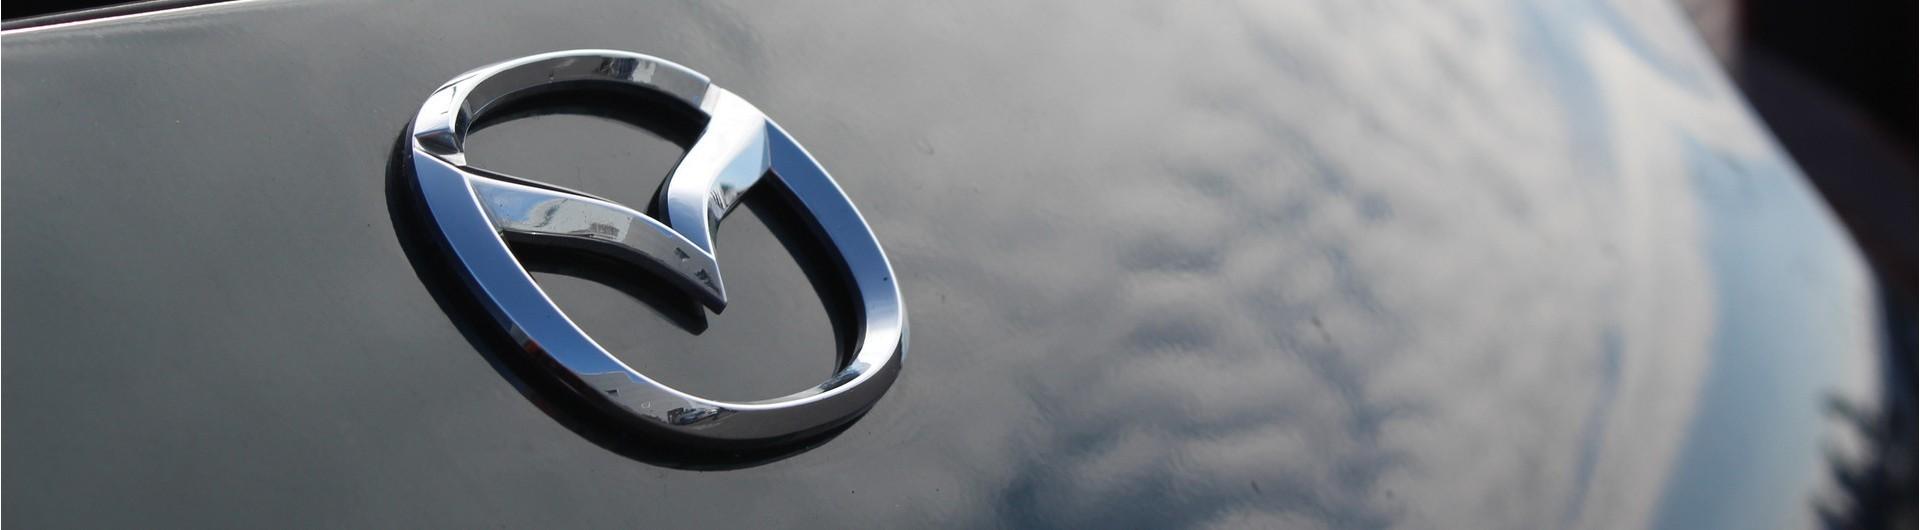 Sélectionné votre voiture parmi les modèles  sportif de la gamme Mazda